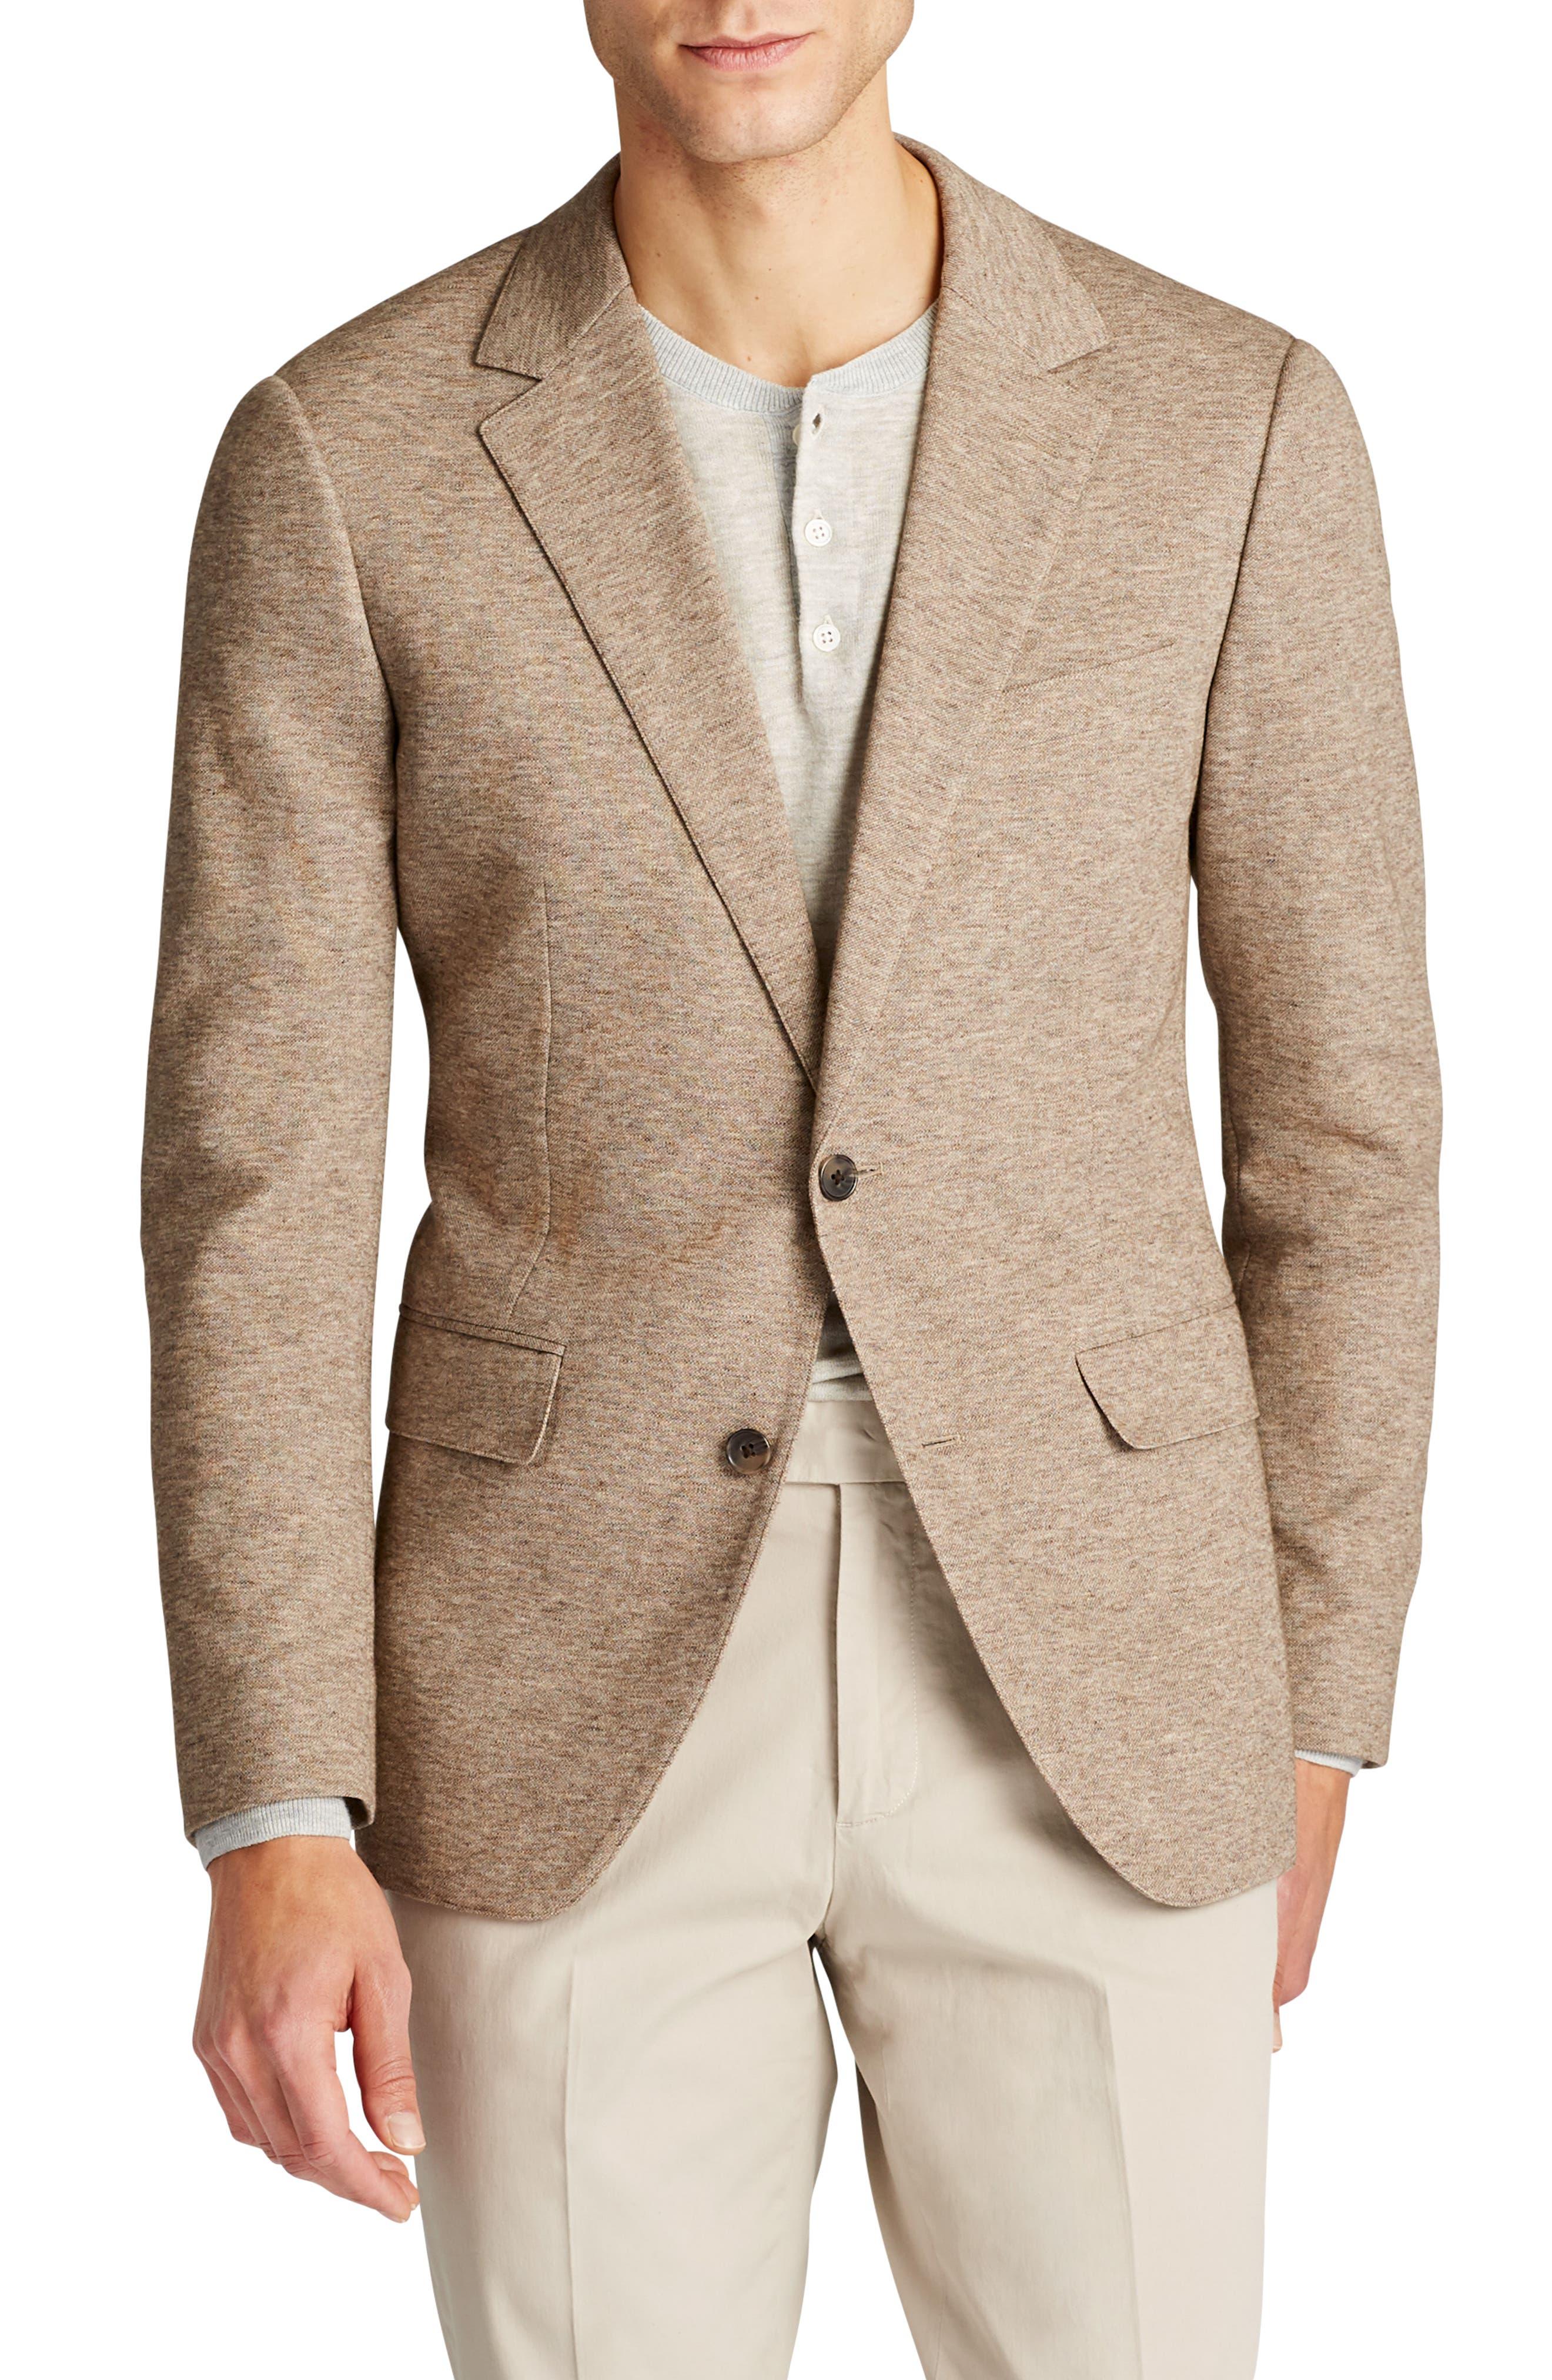 Jetsetter Slim Fit Knit Cotton Blazer,                         Main,                         color, Brown Melange Knit